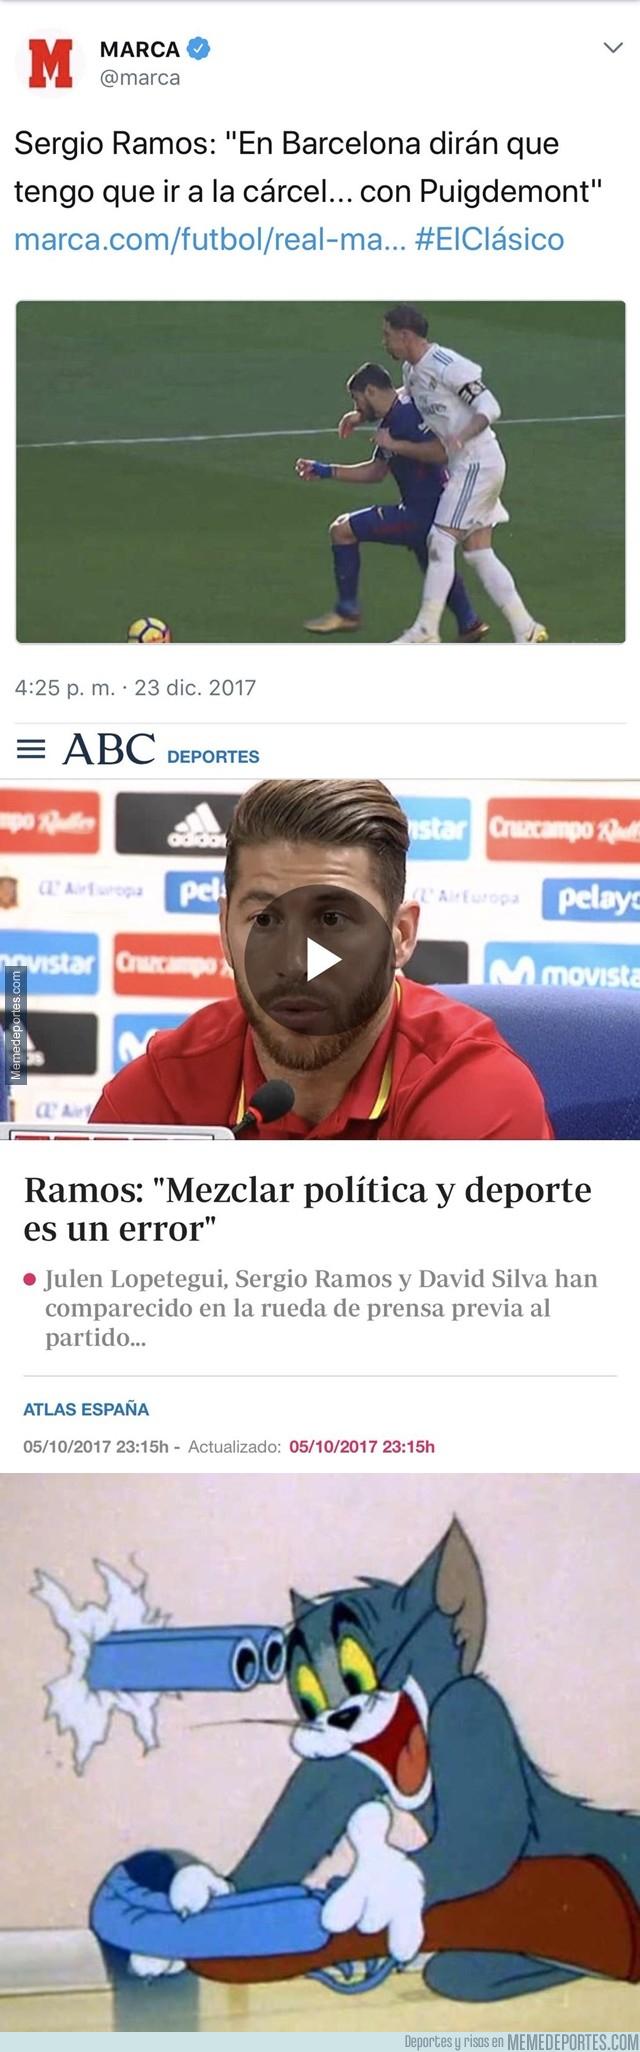 1013457 - Sergio Ramos mezcla el deporte con la política y se pega un autozasca monumental